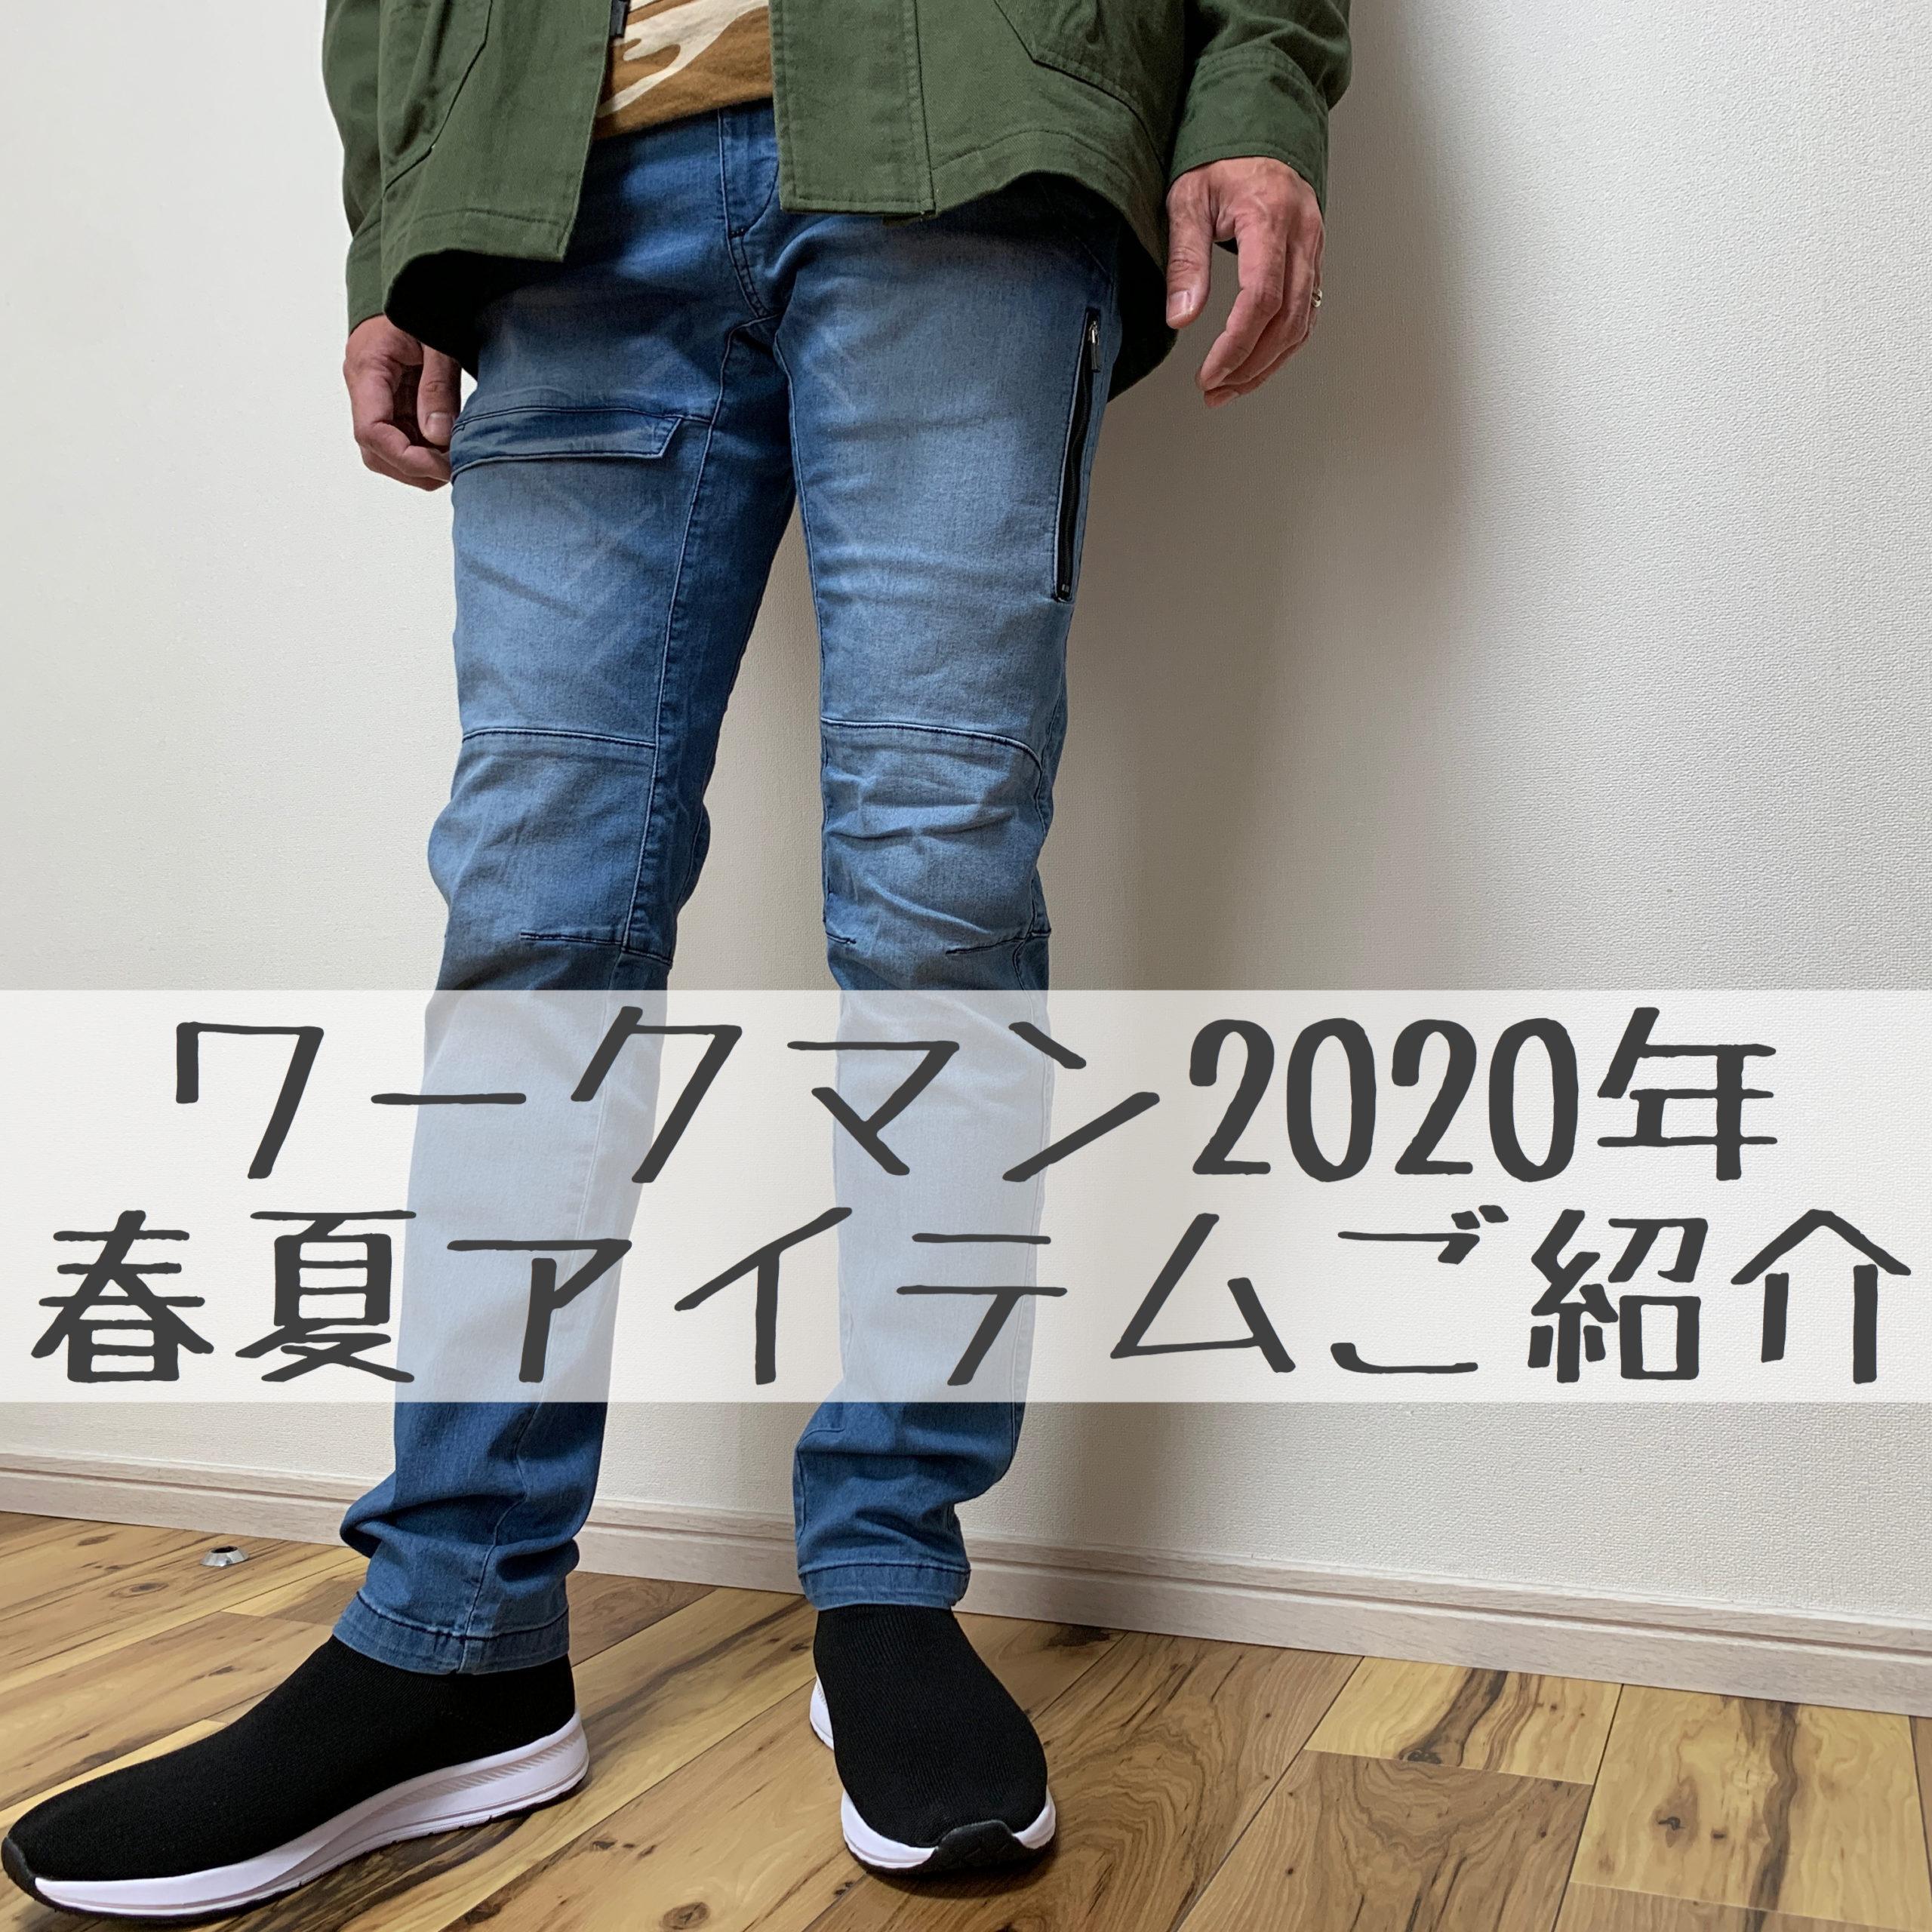 新 商品 2020 ワークマン 普通に格好良い。2020年秋冬のワークマン新作アウター。【ワークマンプラス新入荷商品レポート】